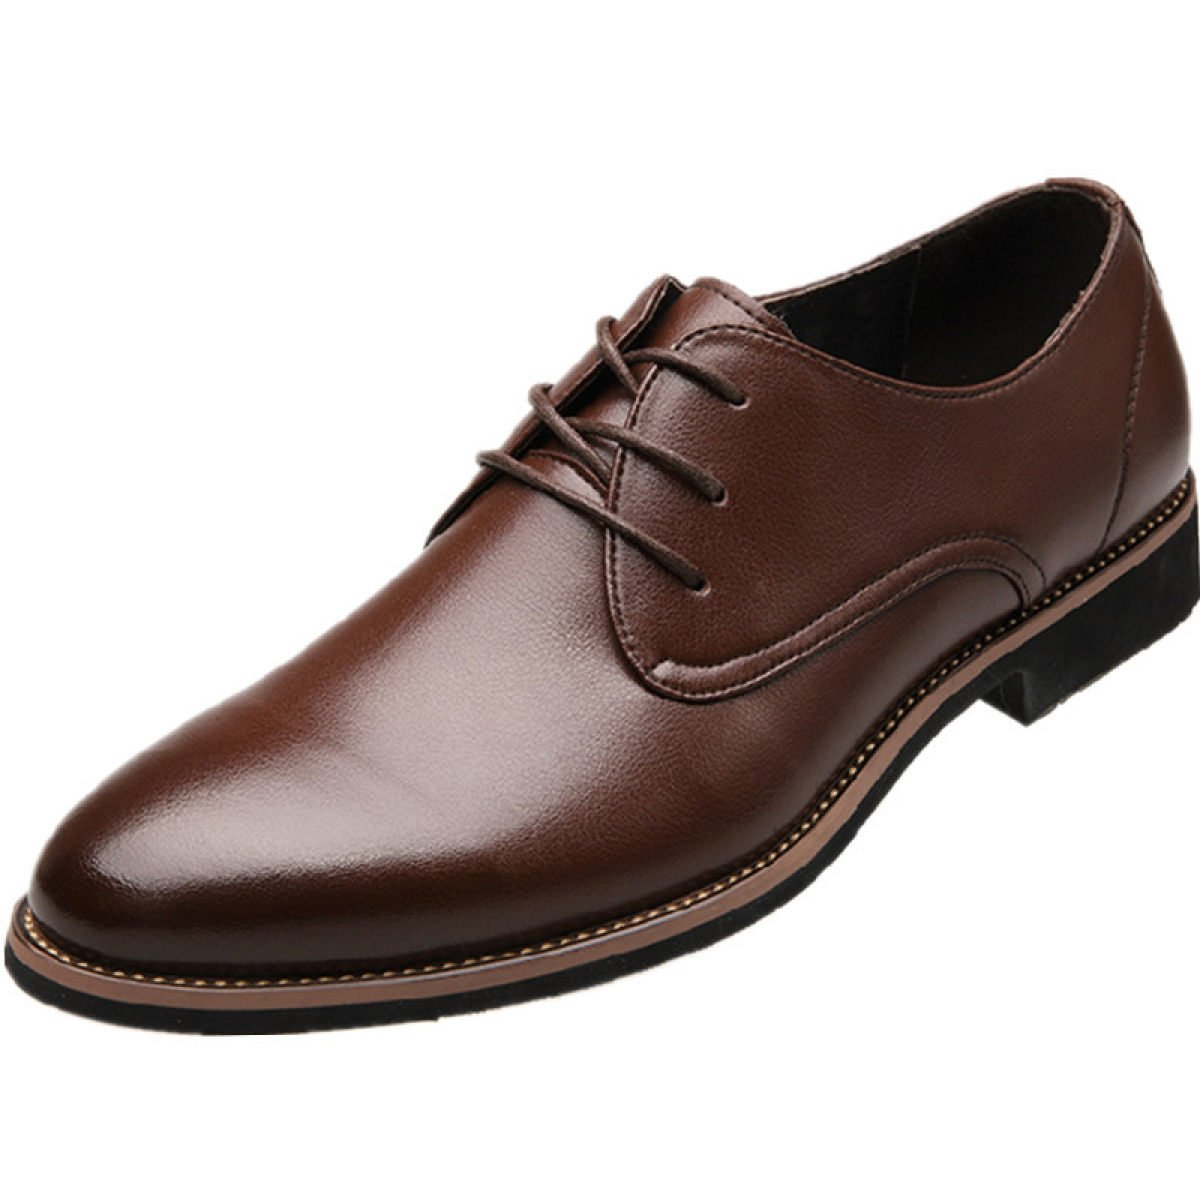 Zapatos De Vestir Con Cordones De Negocios Para Hombre Casual Wedding Pointed Toe Oxfords GTYMFHcompany